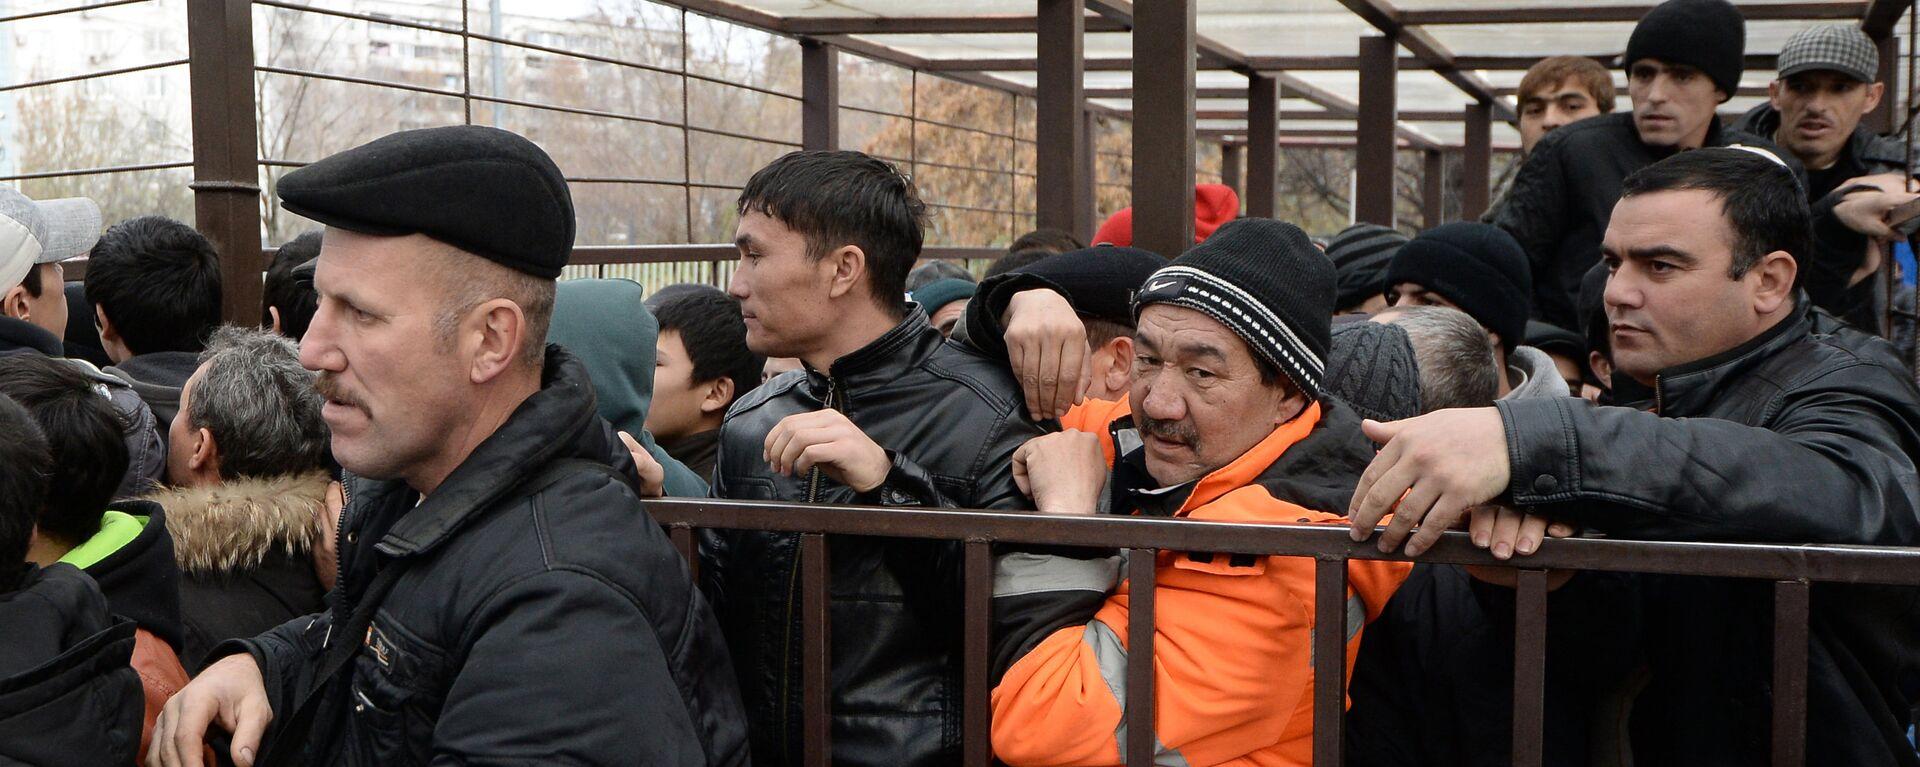 Очереди мигрантов у отделения УФМС по Москве, архивное фото - Sputnik Таджикистан, 1920, 15.09.2021